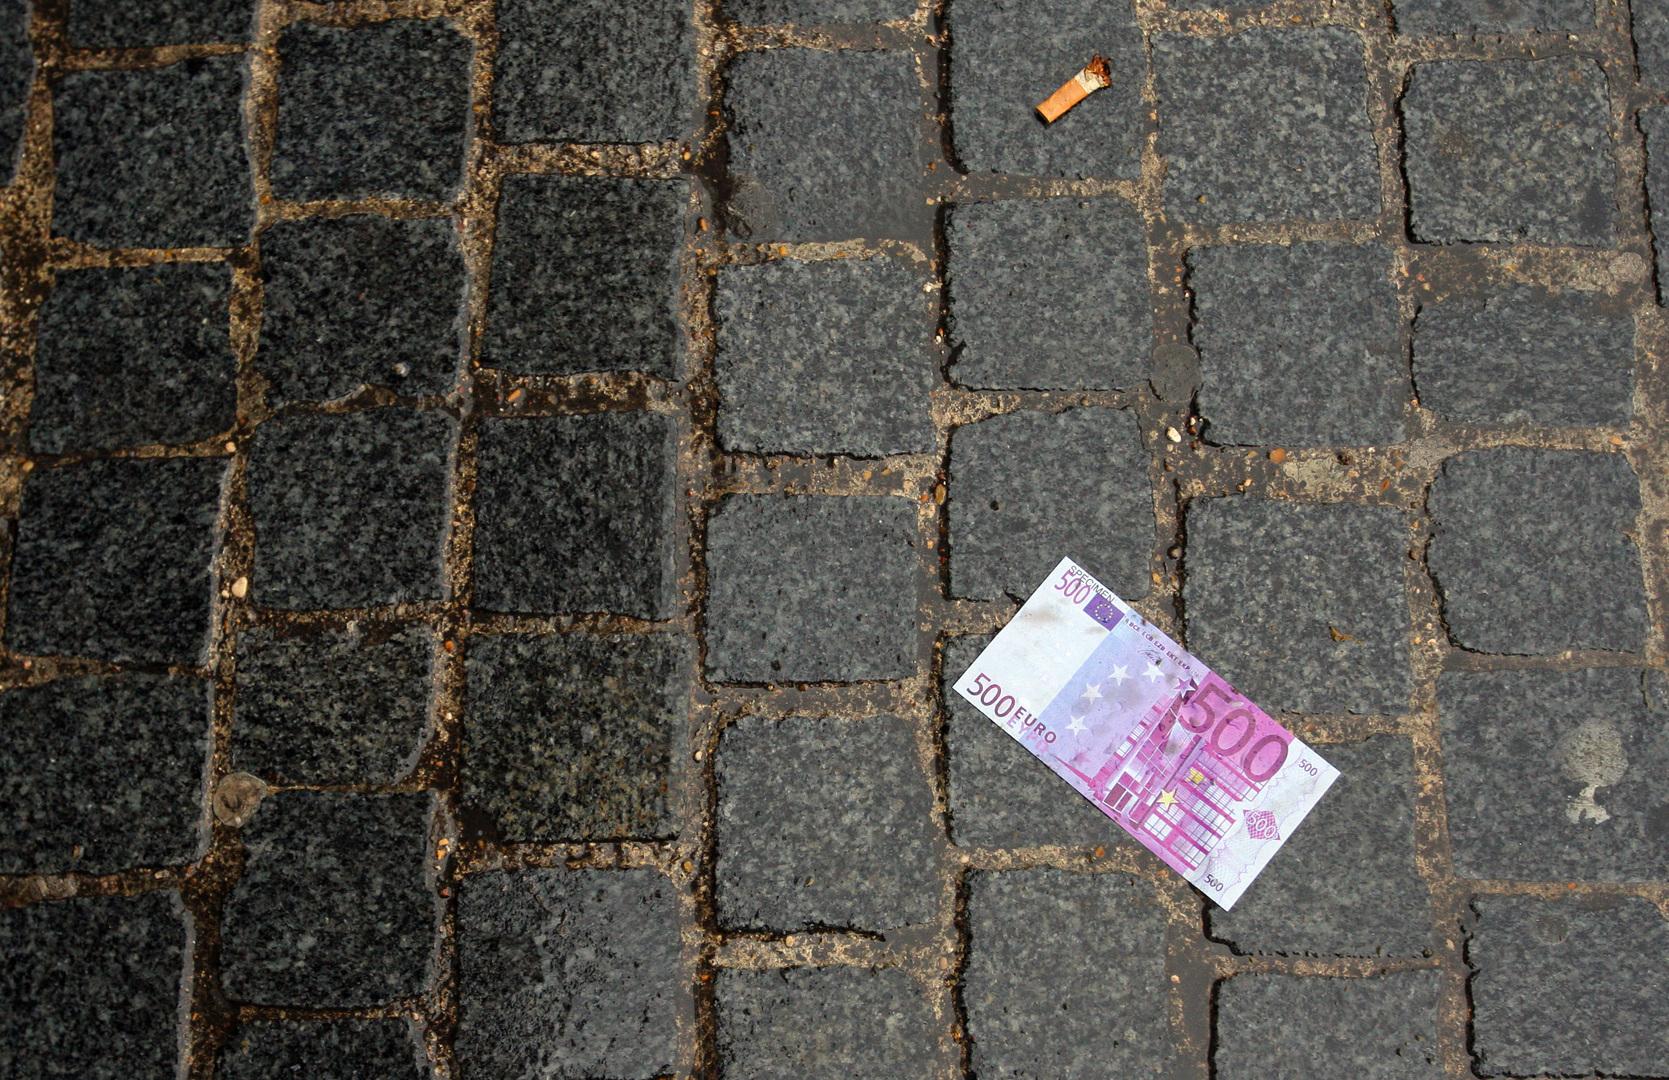 تقرير: مافيا تركية تقود محققين إلى أموال ليبية نهبت من مصرف في شرق البلاد